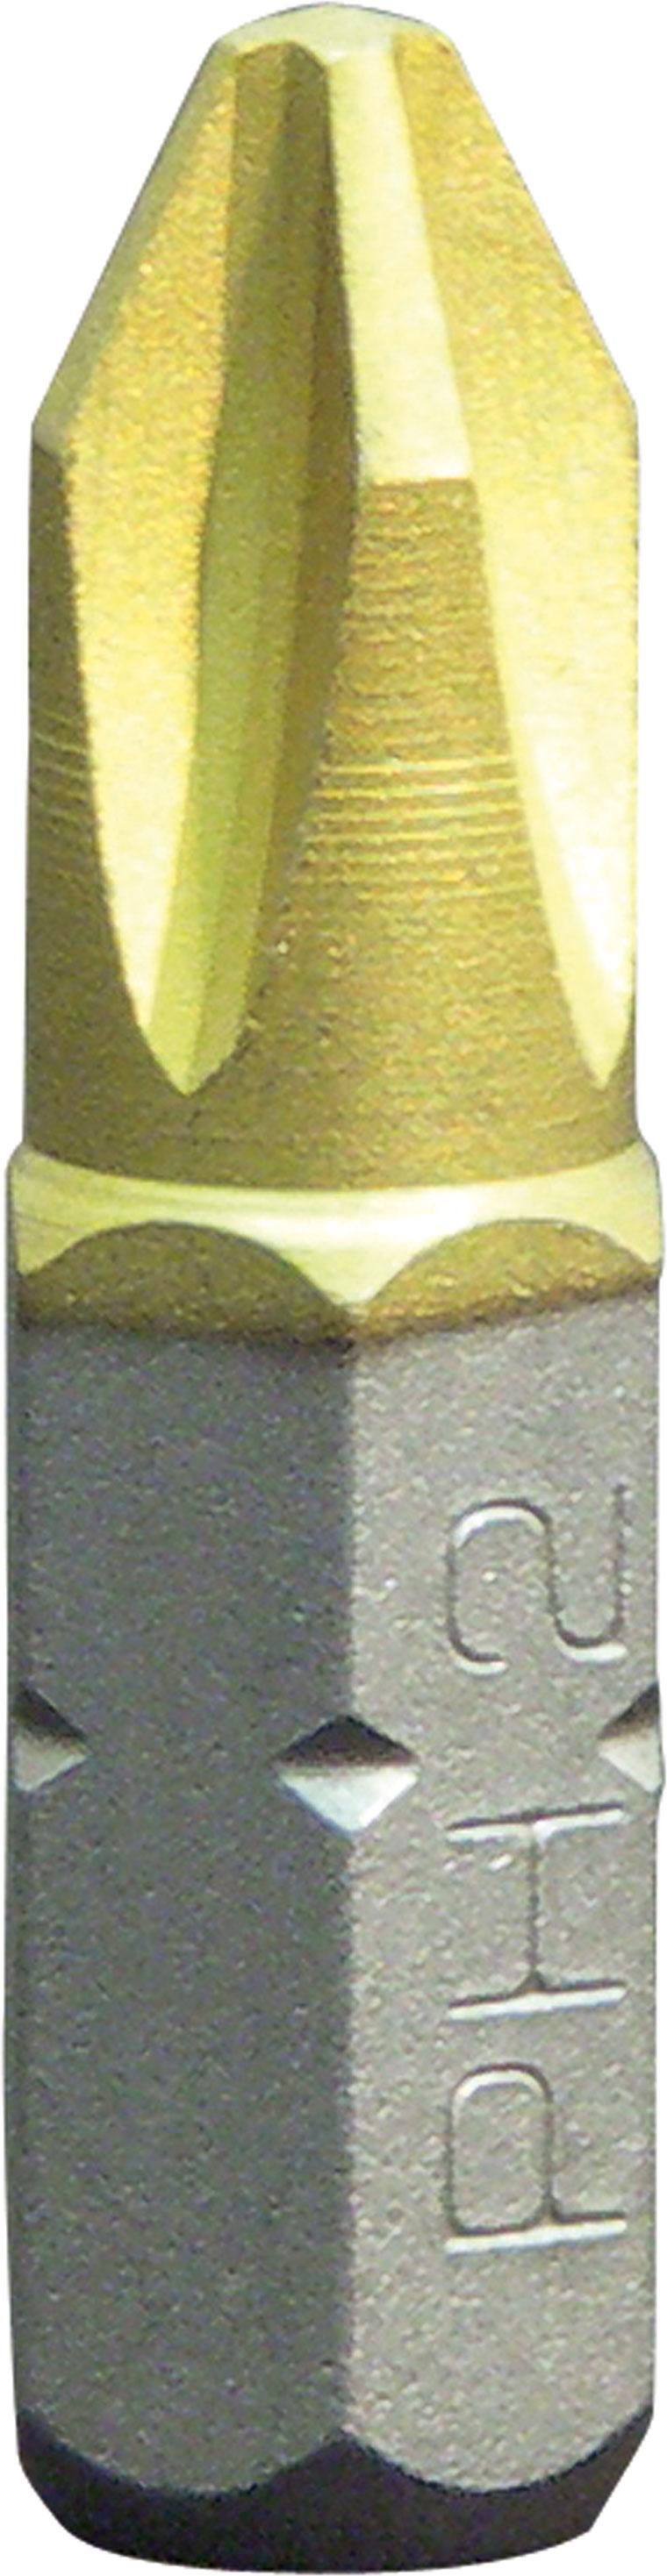 Mörtelschlauch 15m NW25 Kuppl DREHBAR Spritzschlauch Förderschlauch NW 25 15 m